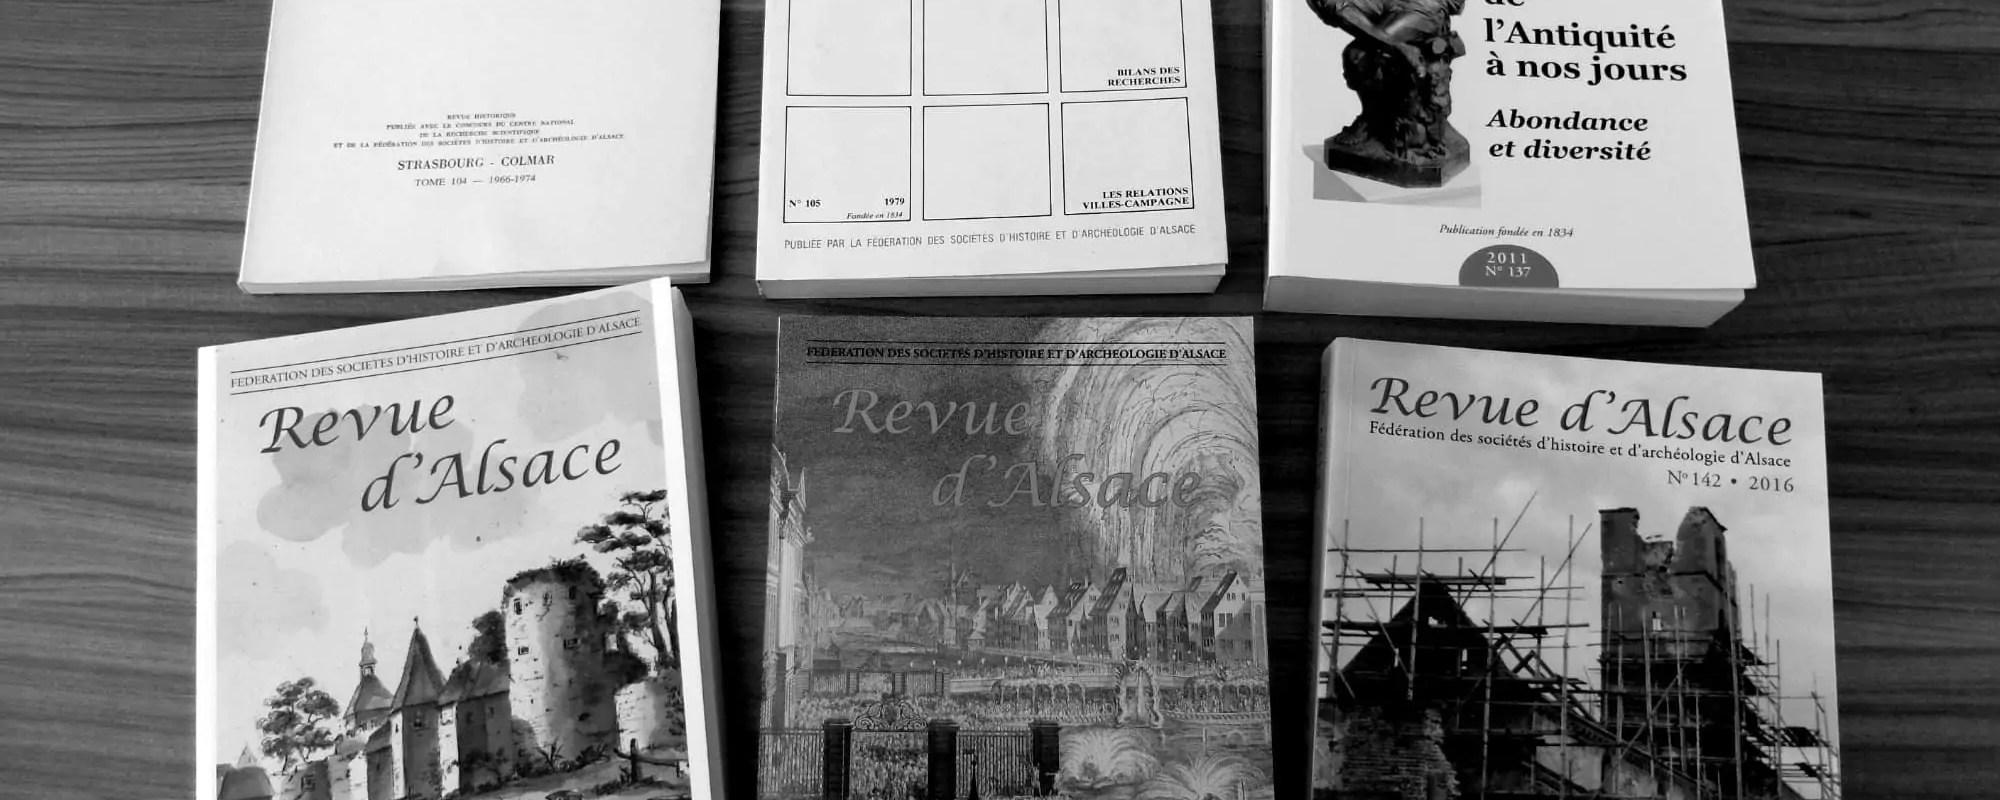 Avec la Revue d'Alsace, les profs d'histoire se parlent entre eux depuis1850